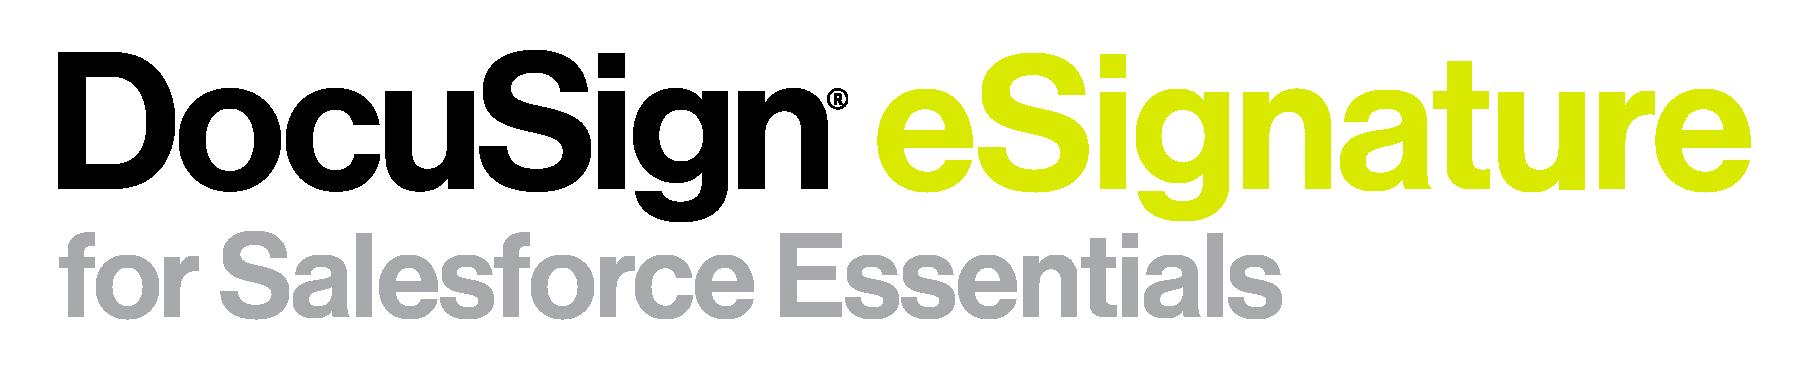 DocuSign eSignature for Salesforce Essentials